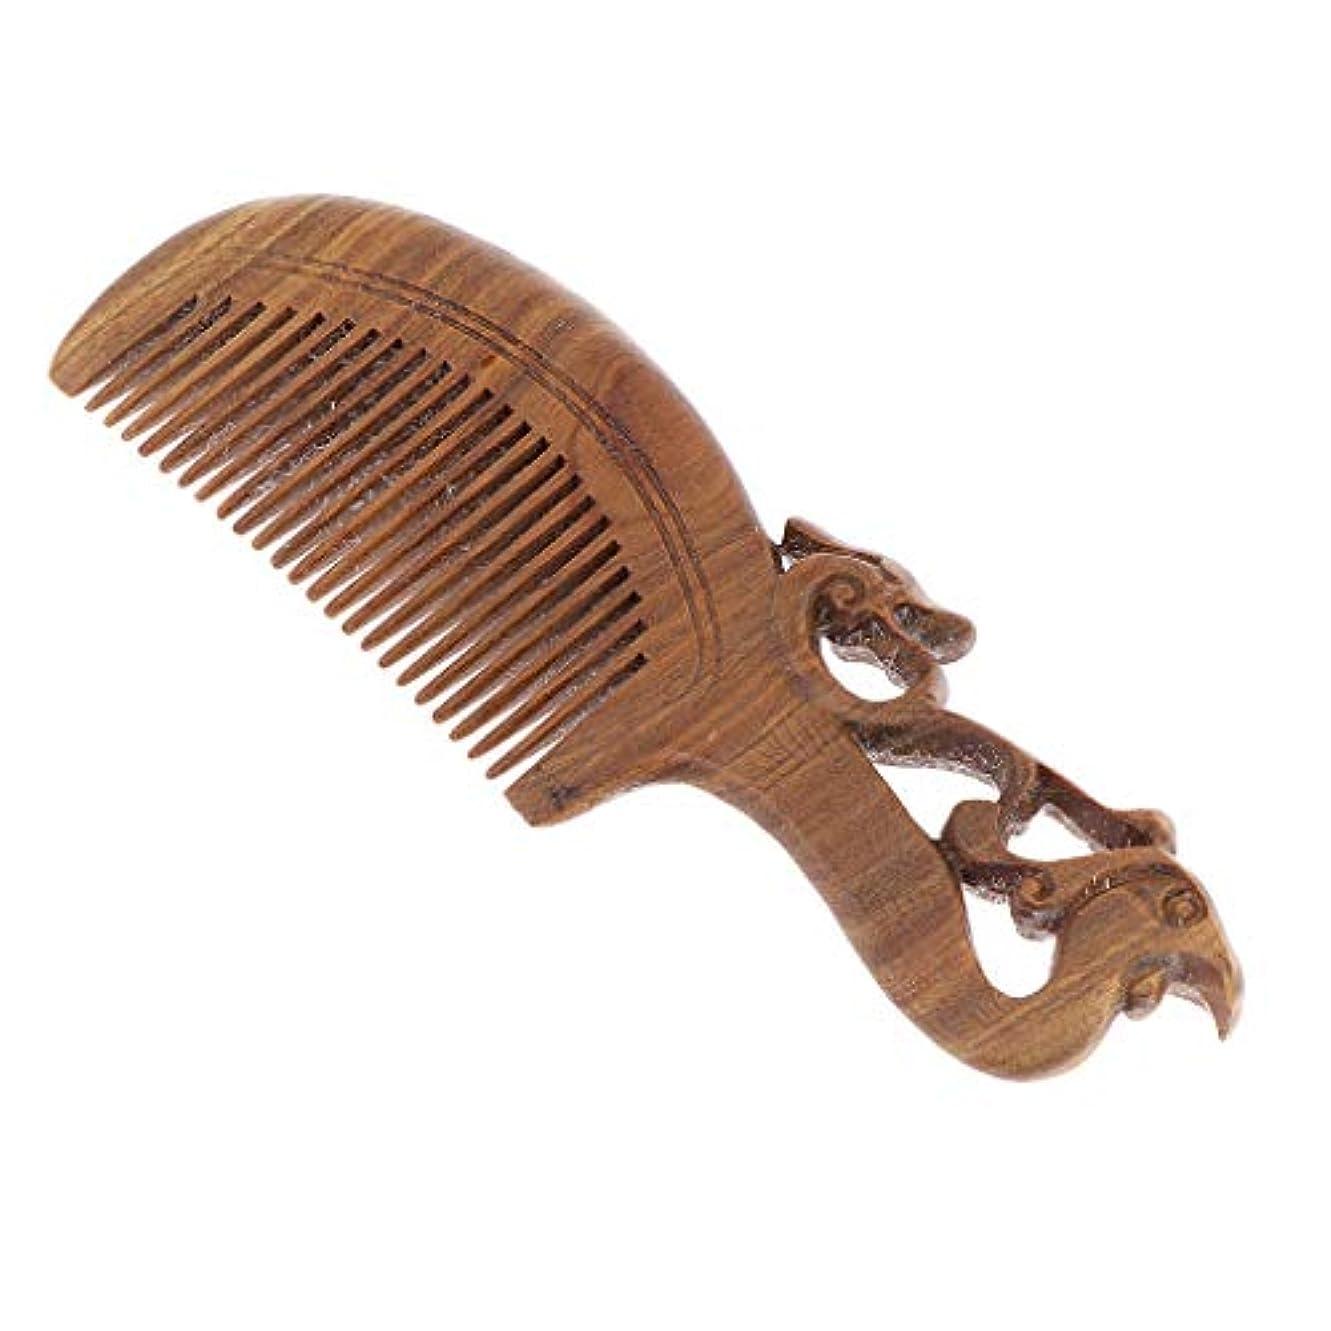 解体するバタフライ細部ウッドコーム 木製櫛 プレゼント 頭皮マッサージ レトロ 手作り 高品質 4タイプ選べ - 17 x 5.5 x 1.2 cm